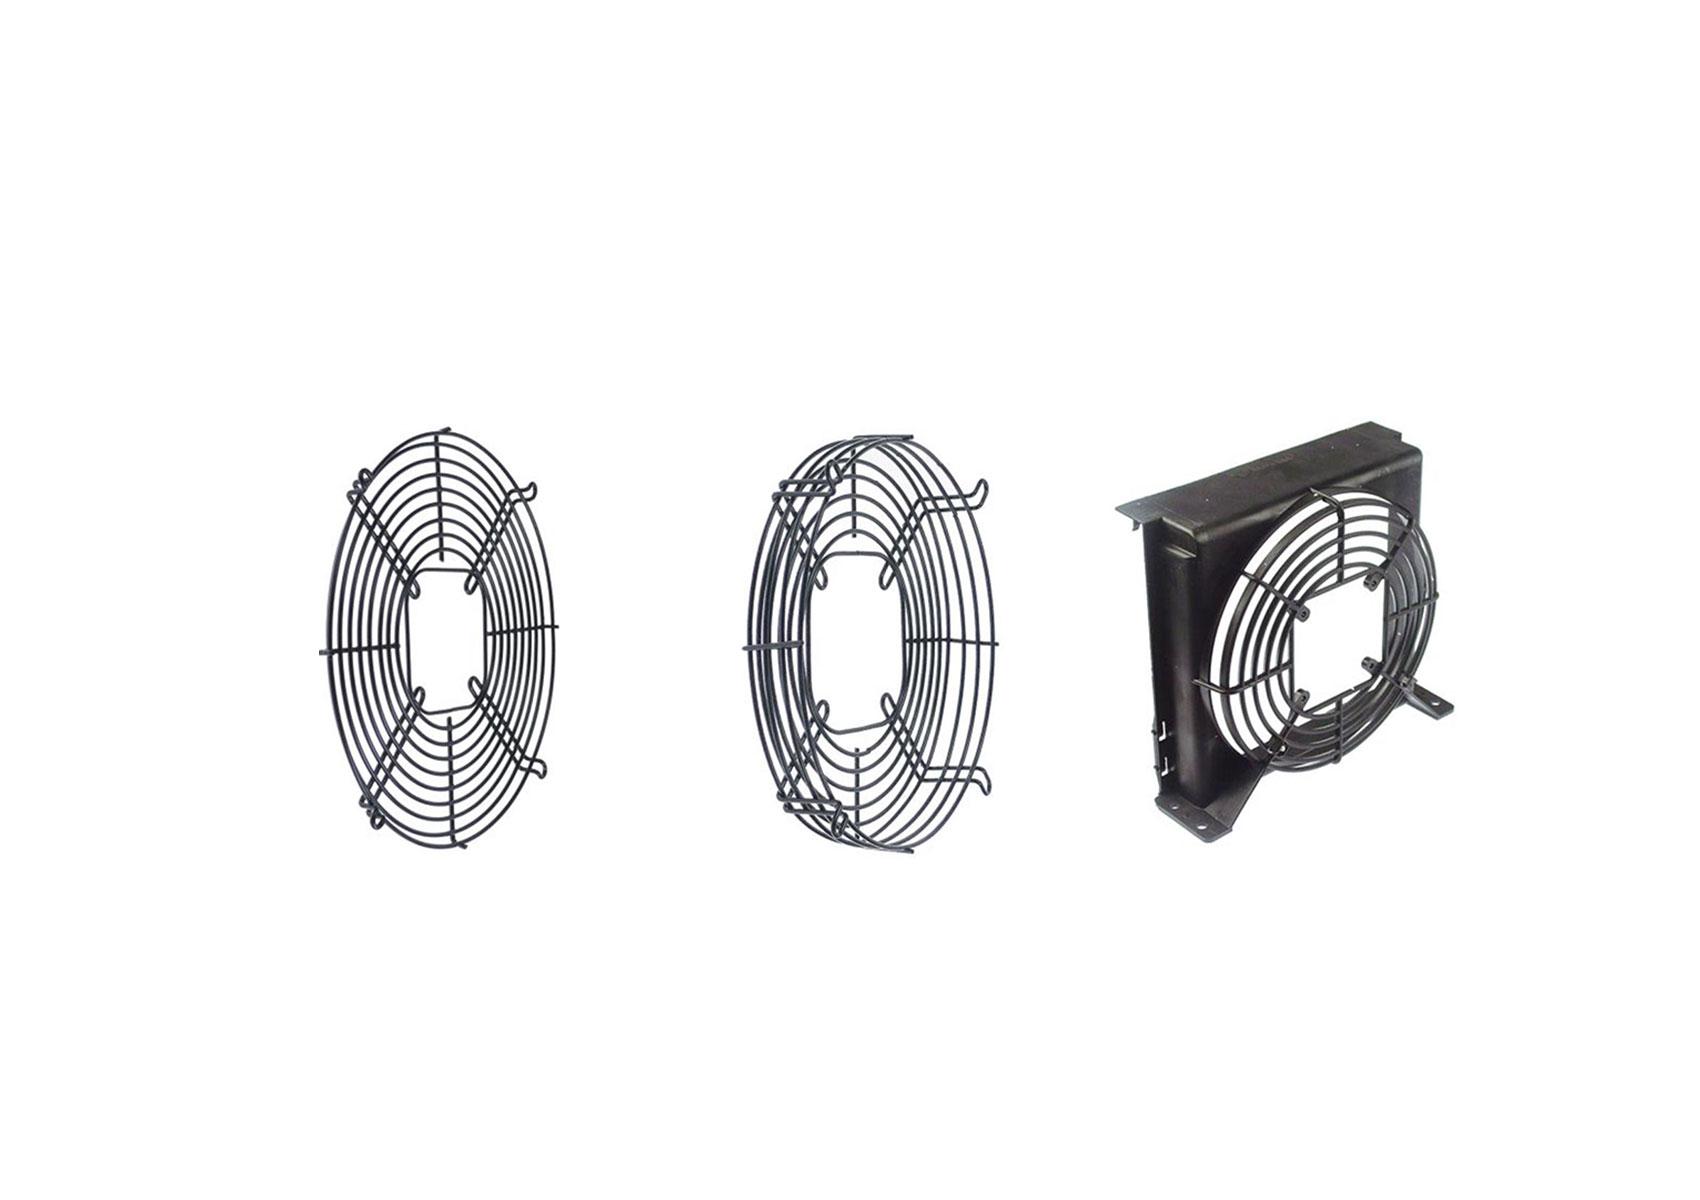 Ventilatorskærme